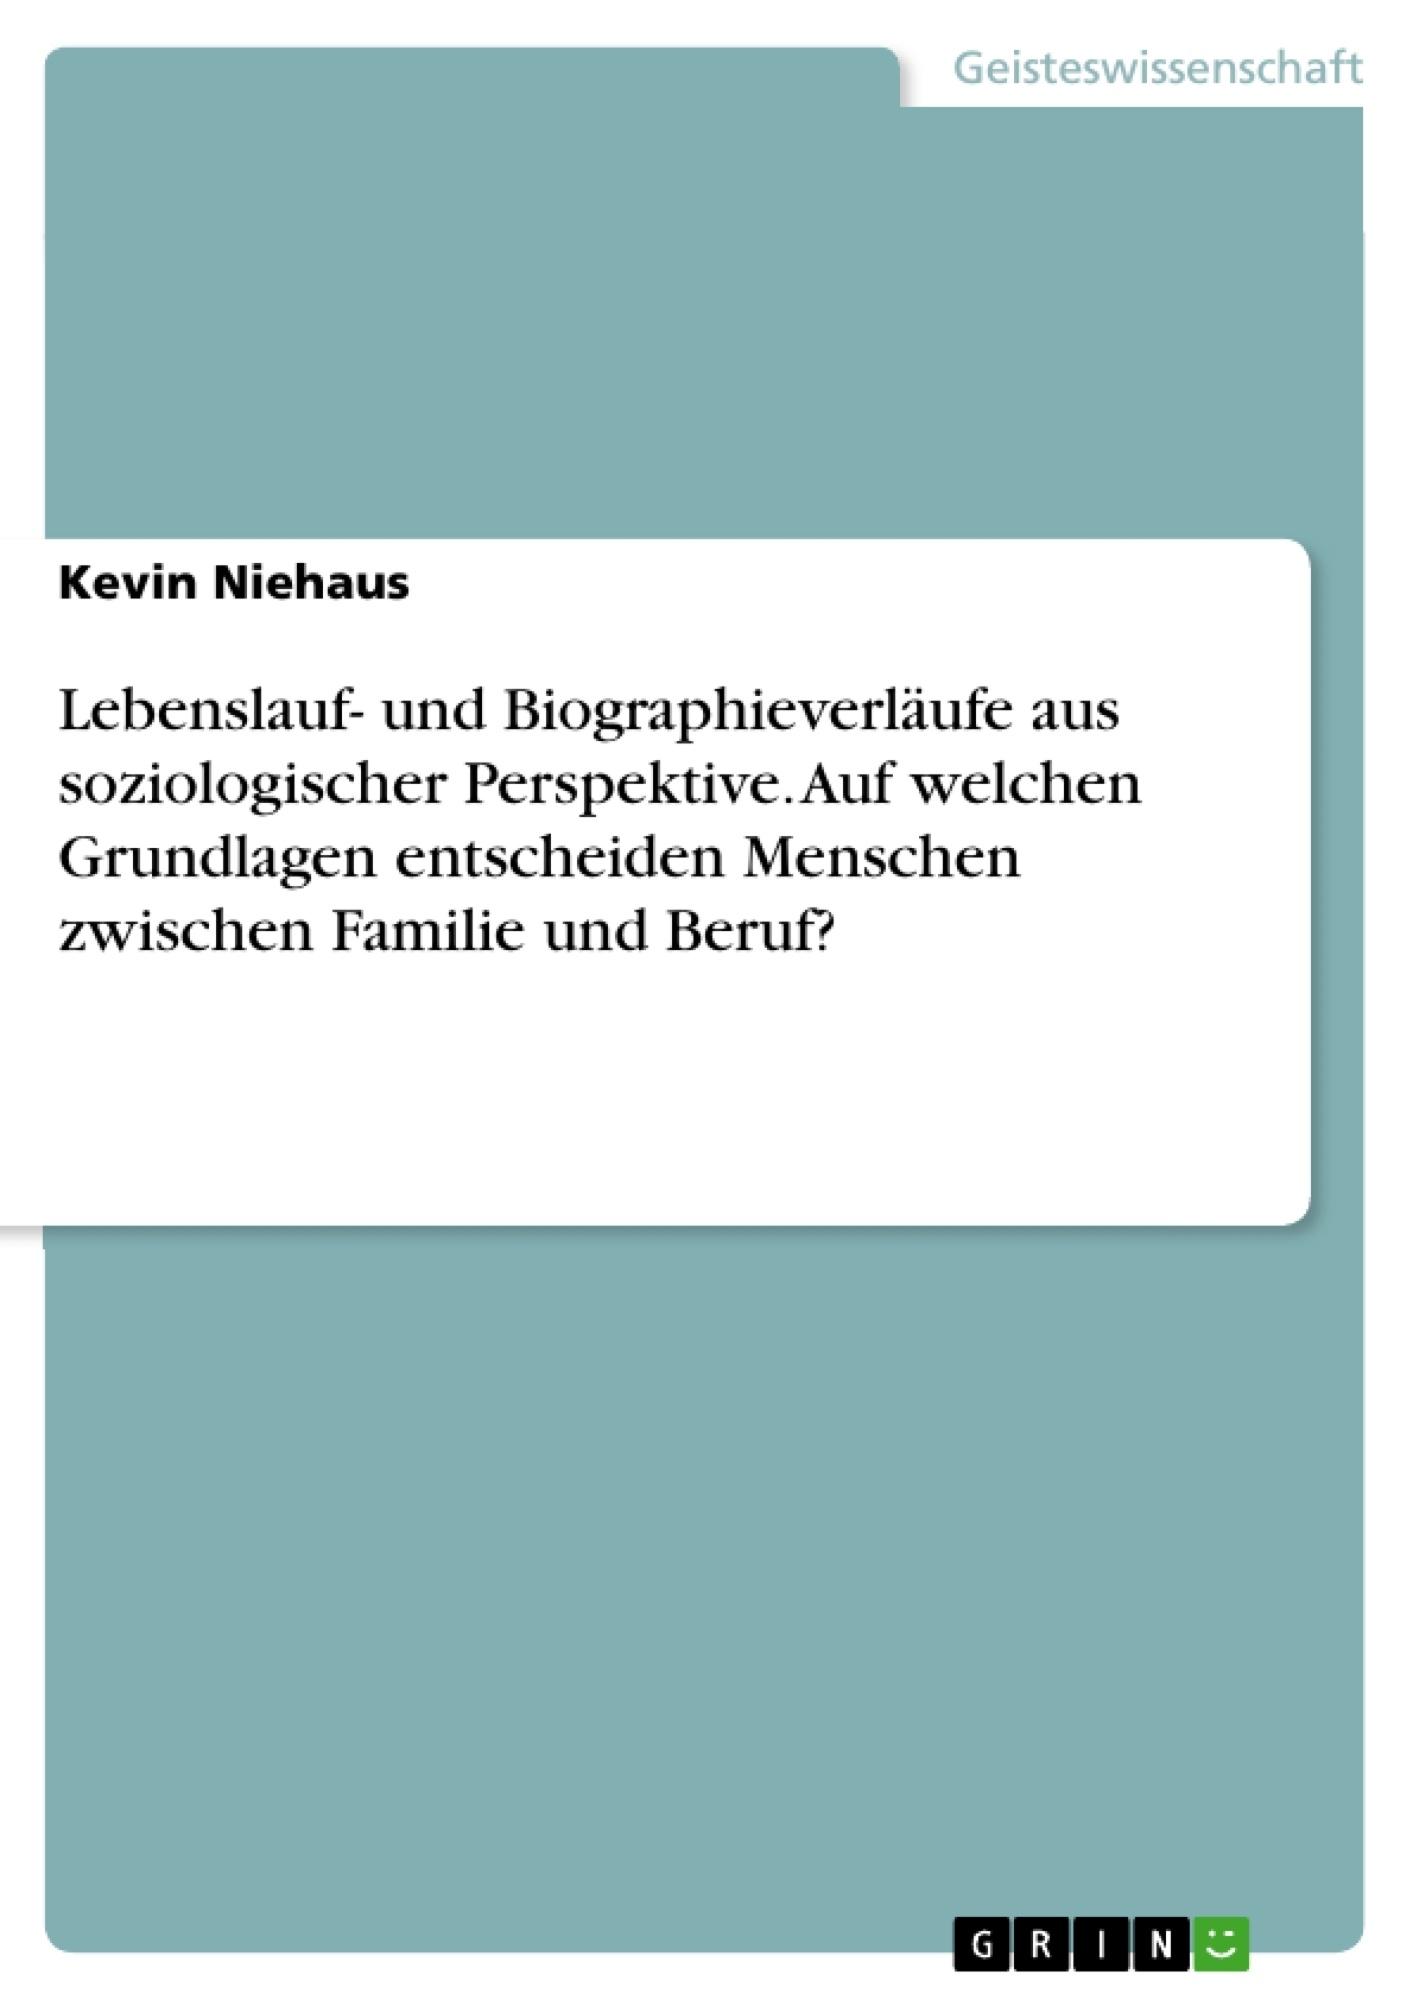 Lebenslauf- und Biographieverläufe aus soziologischer Perspektive ...